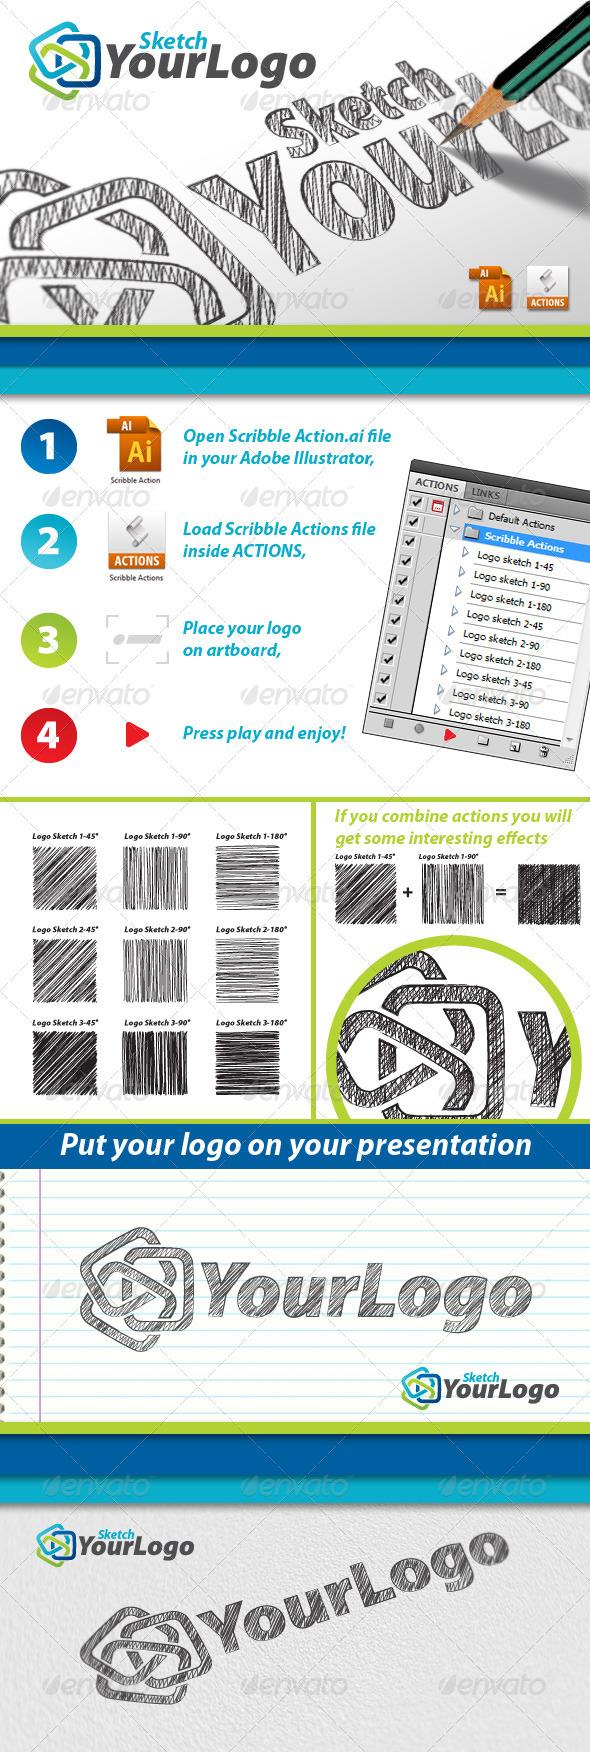 GraphicRiver Sketch Your Logo 3228310